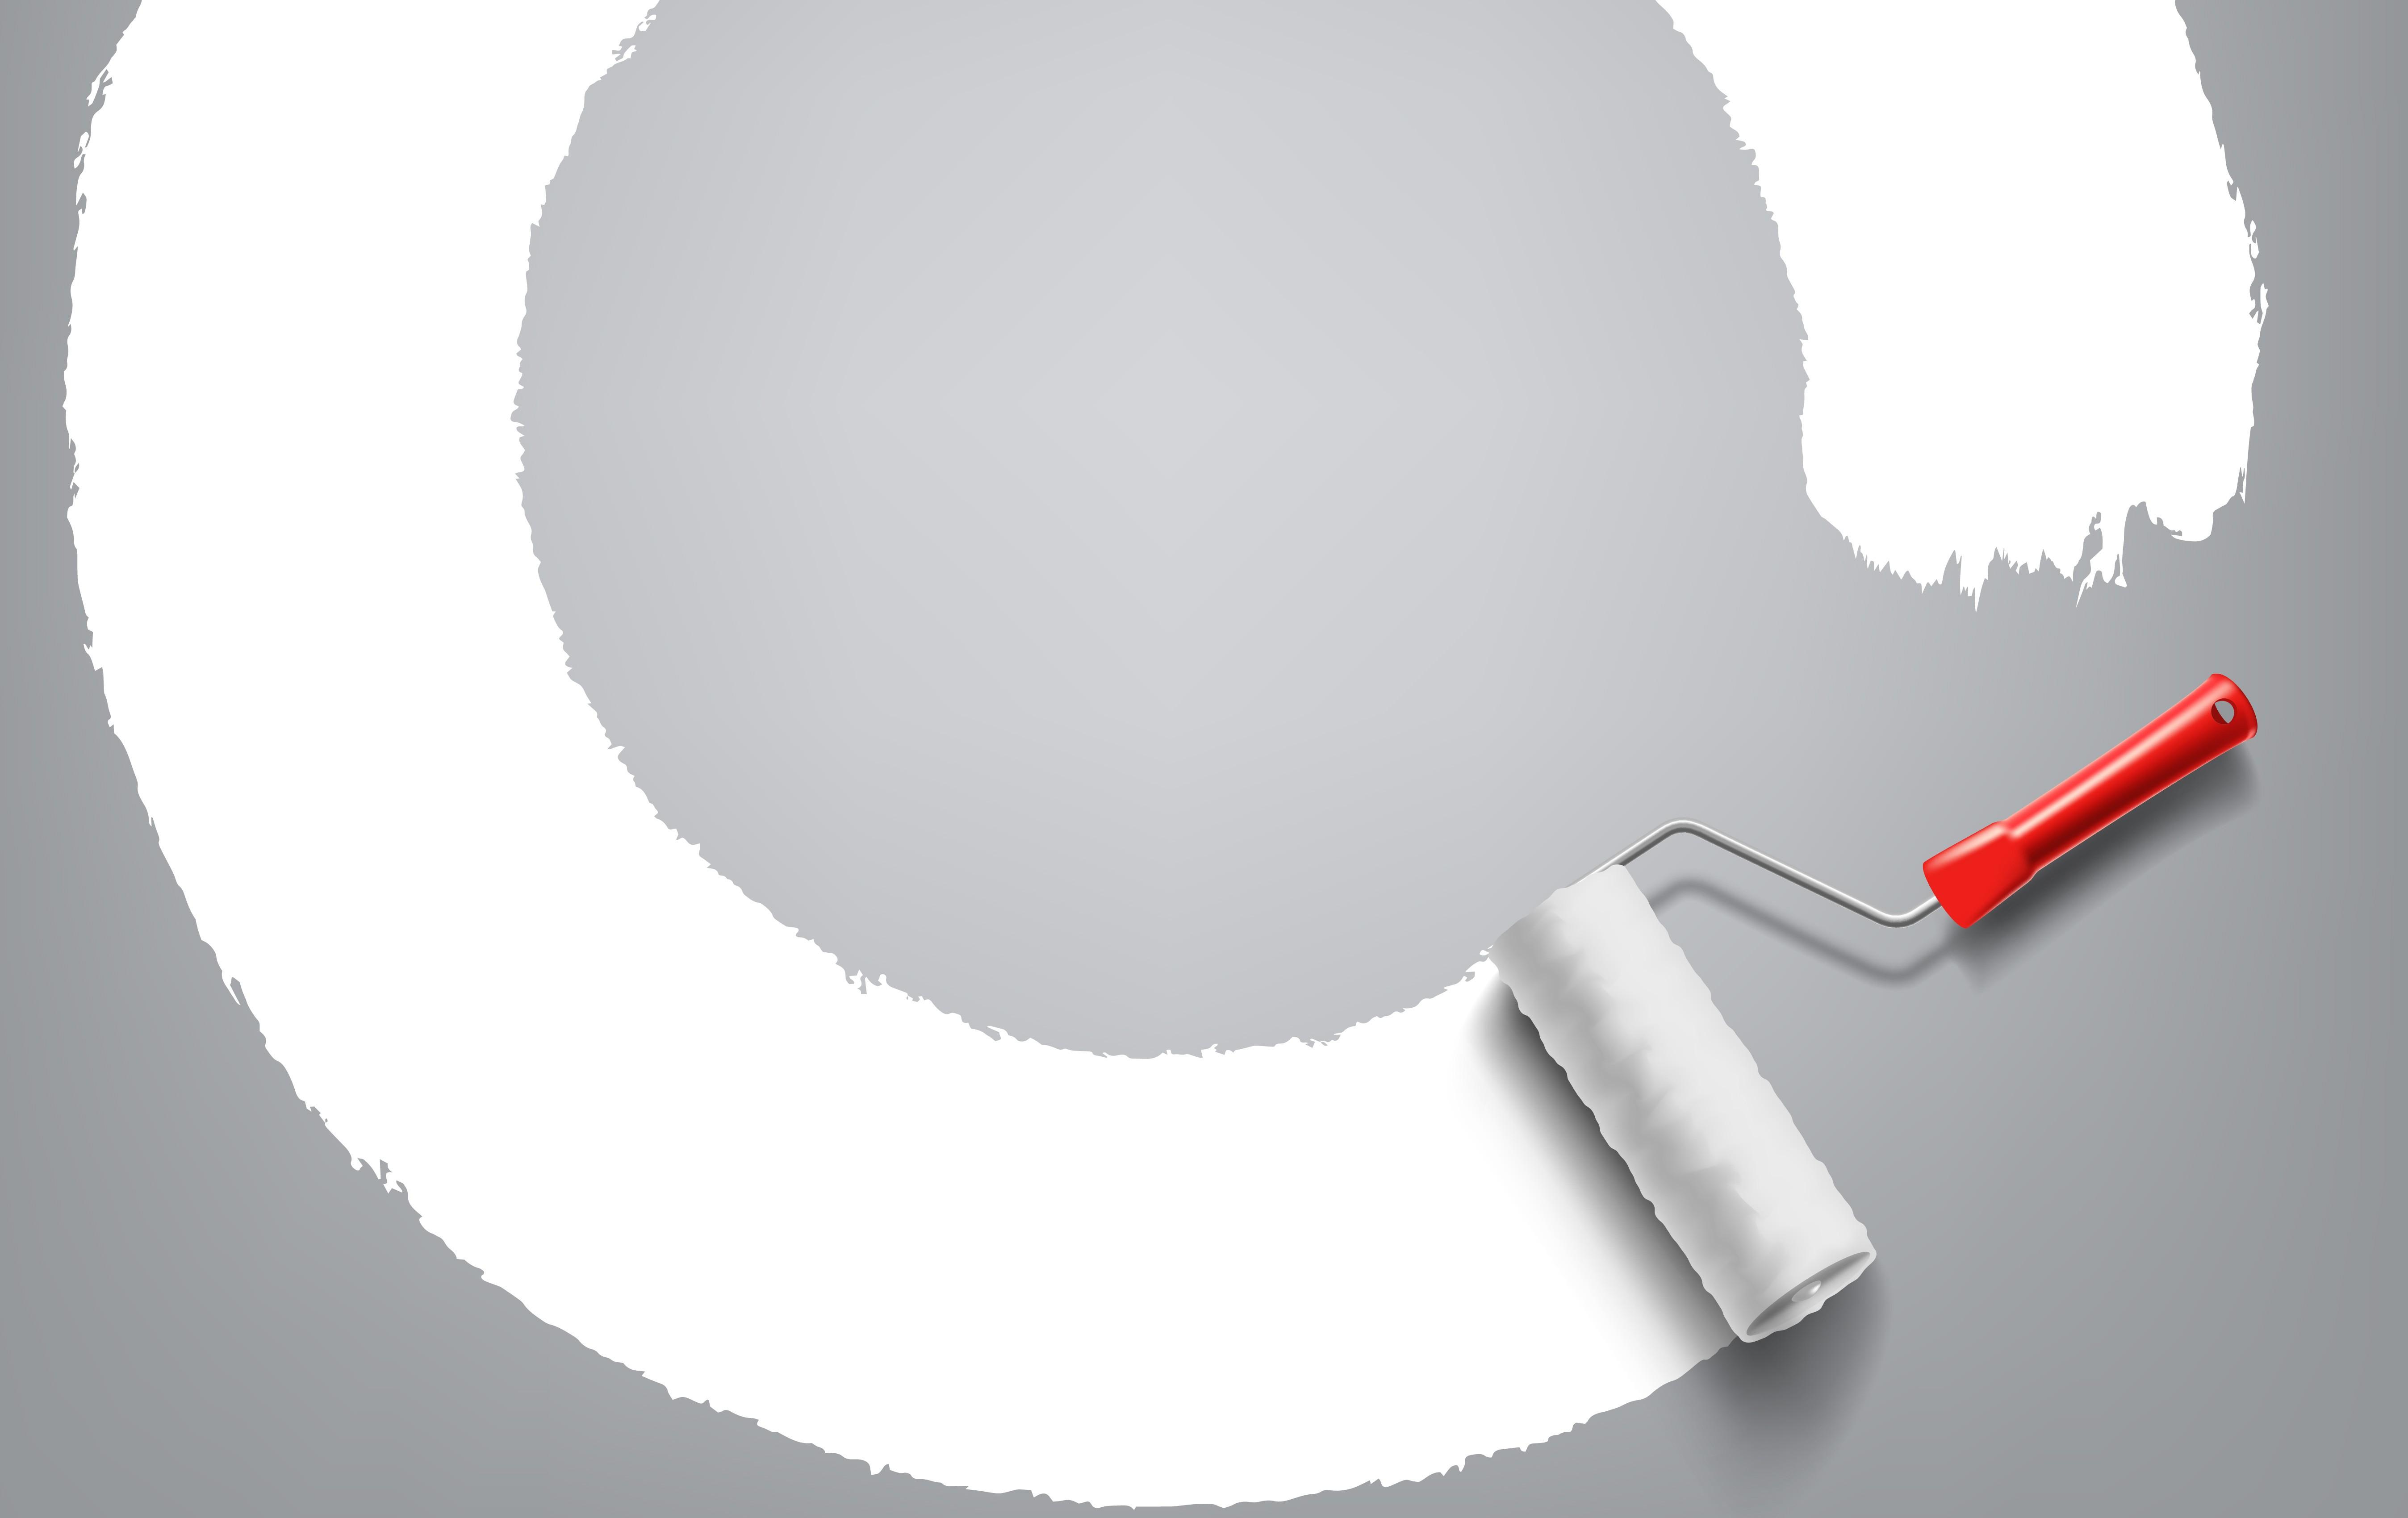 Processus de blanchiment milf bubble@todorazor.com